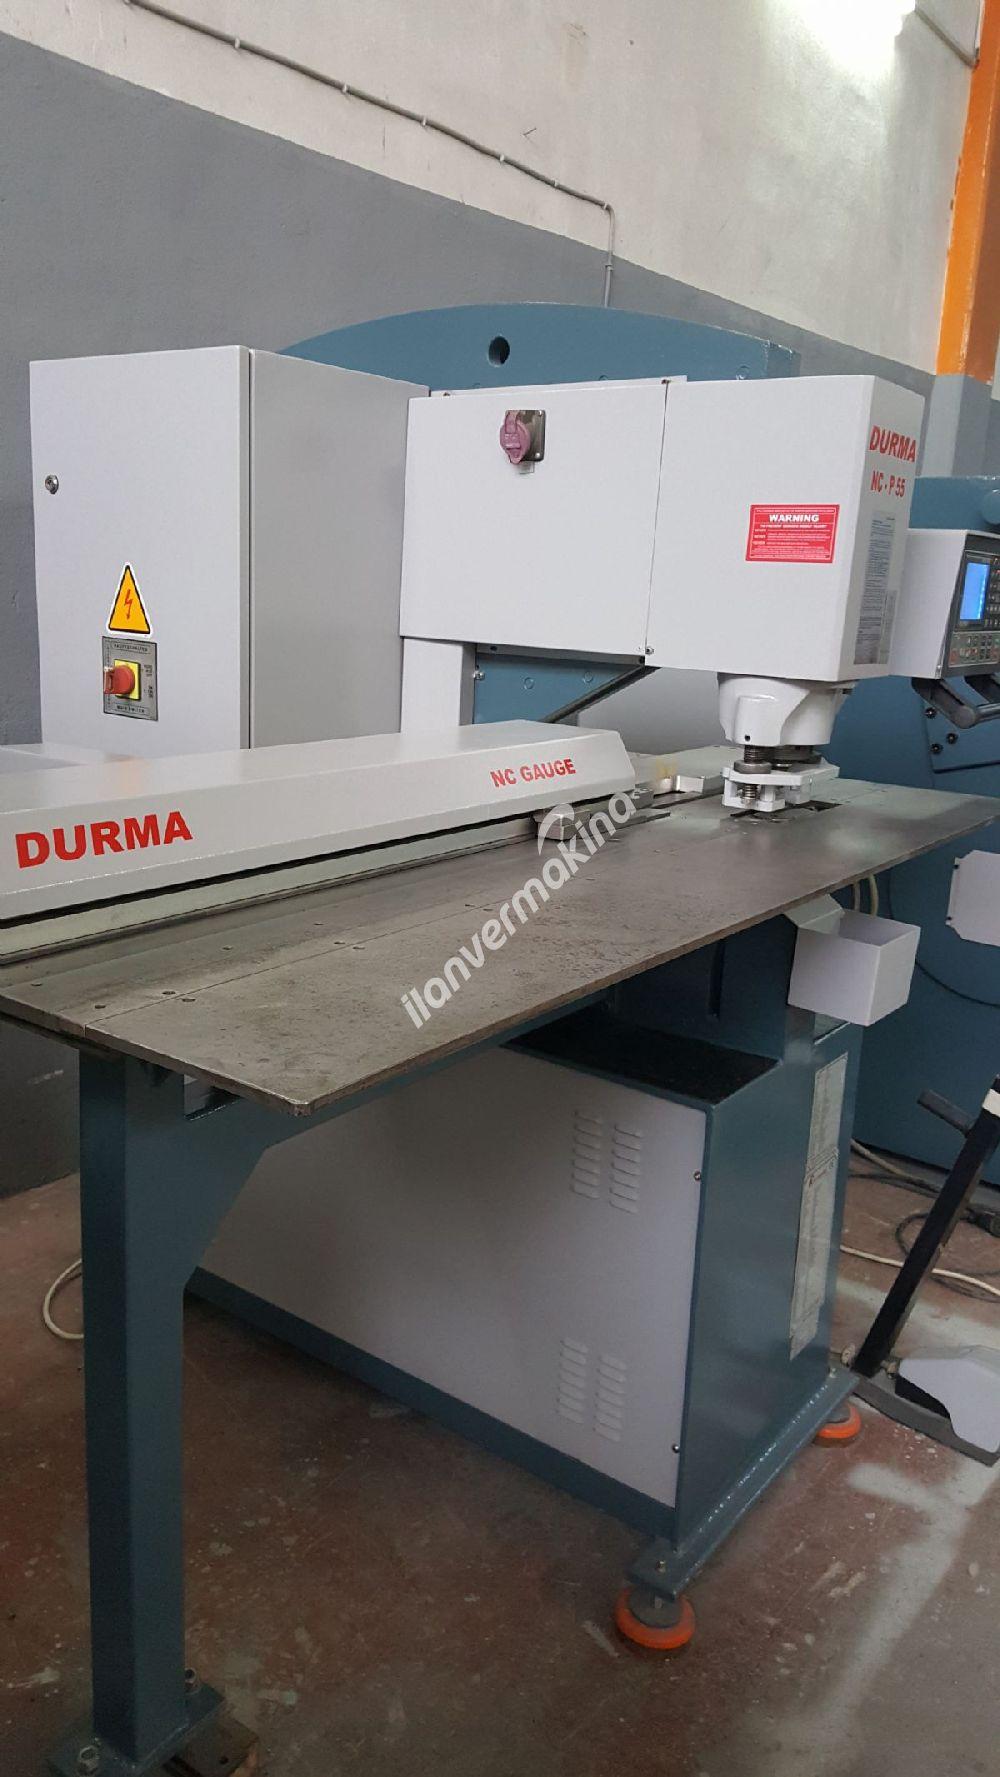 DURMA NC P 55 Delme Takım Değiştirme NC GAUGE PUNCH